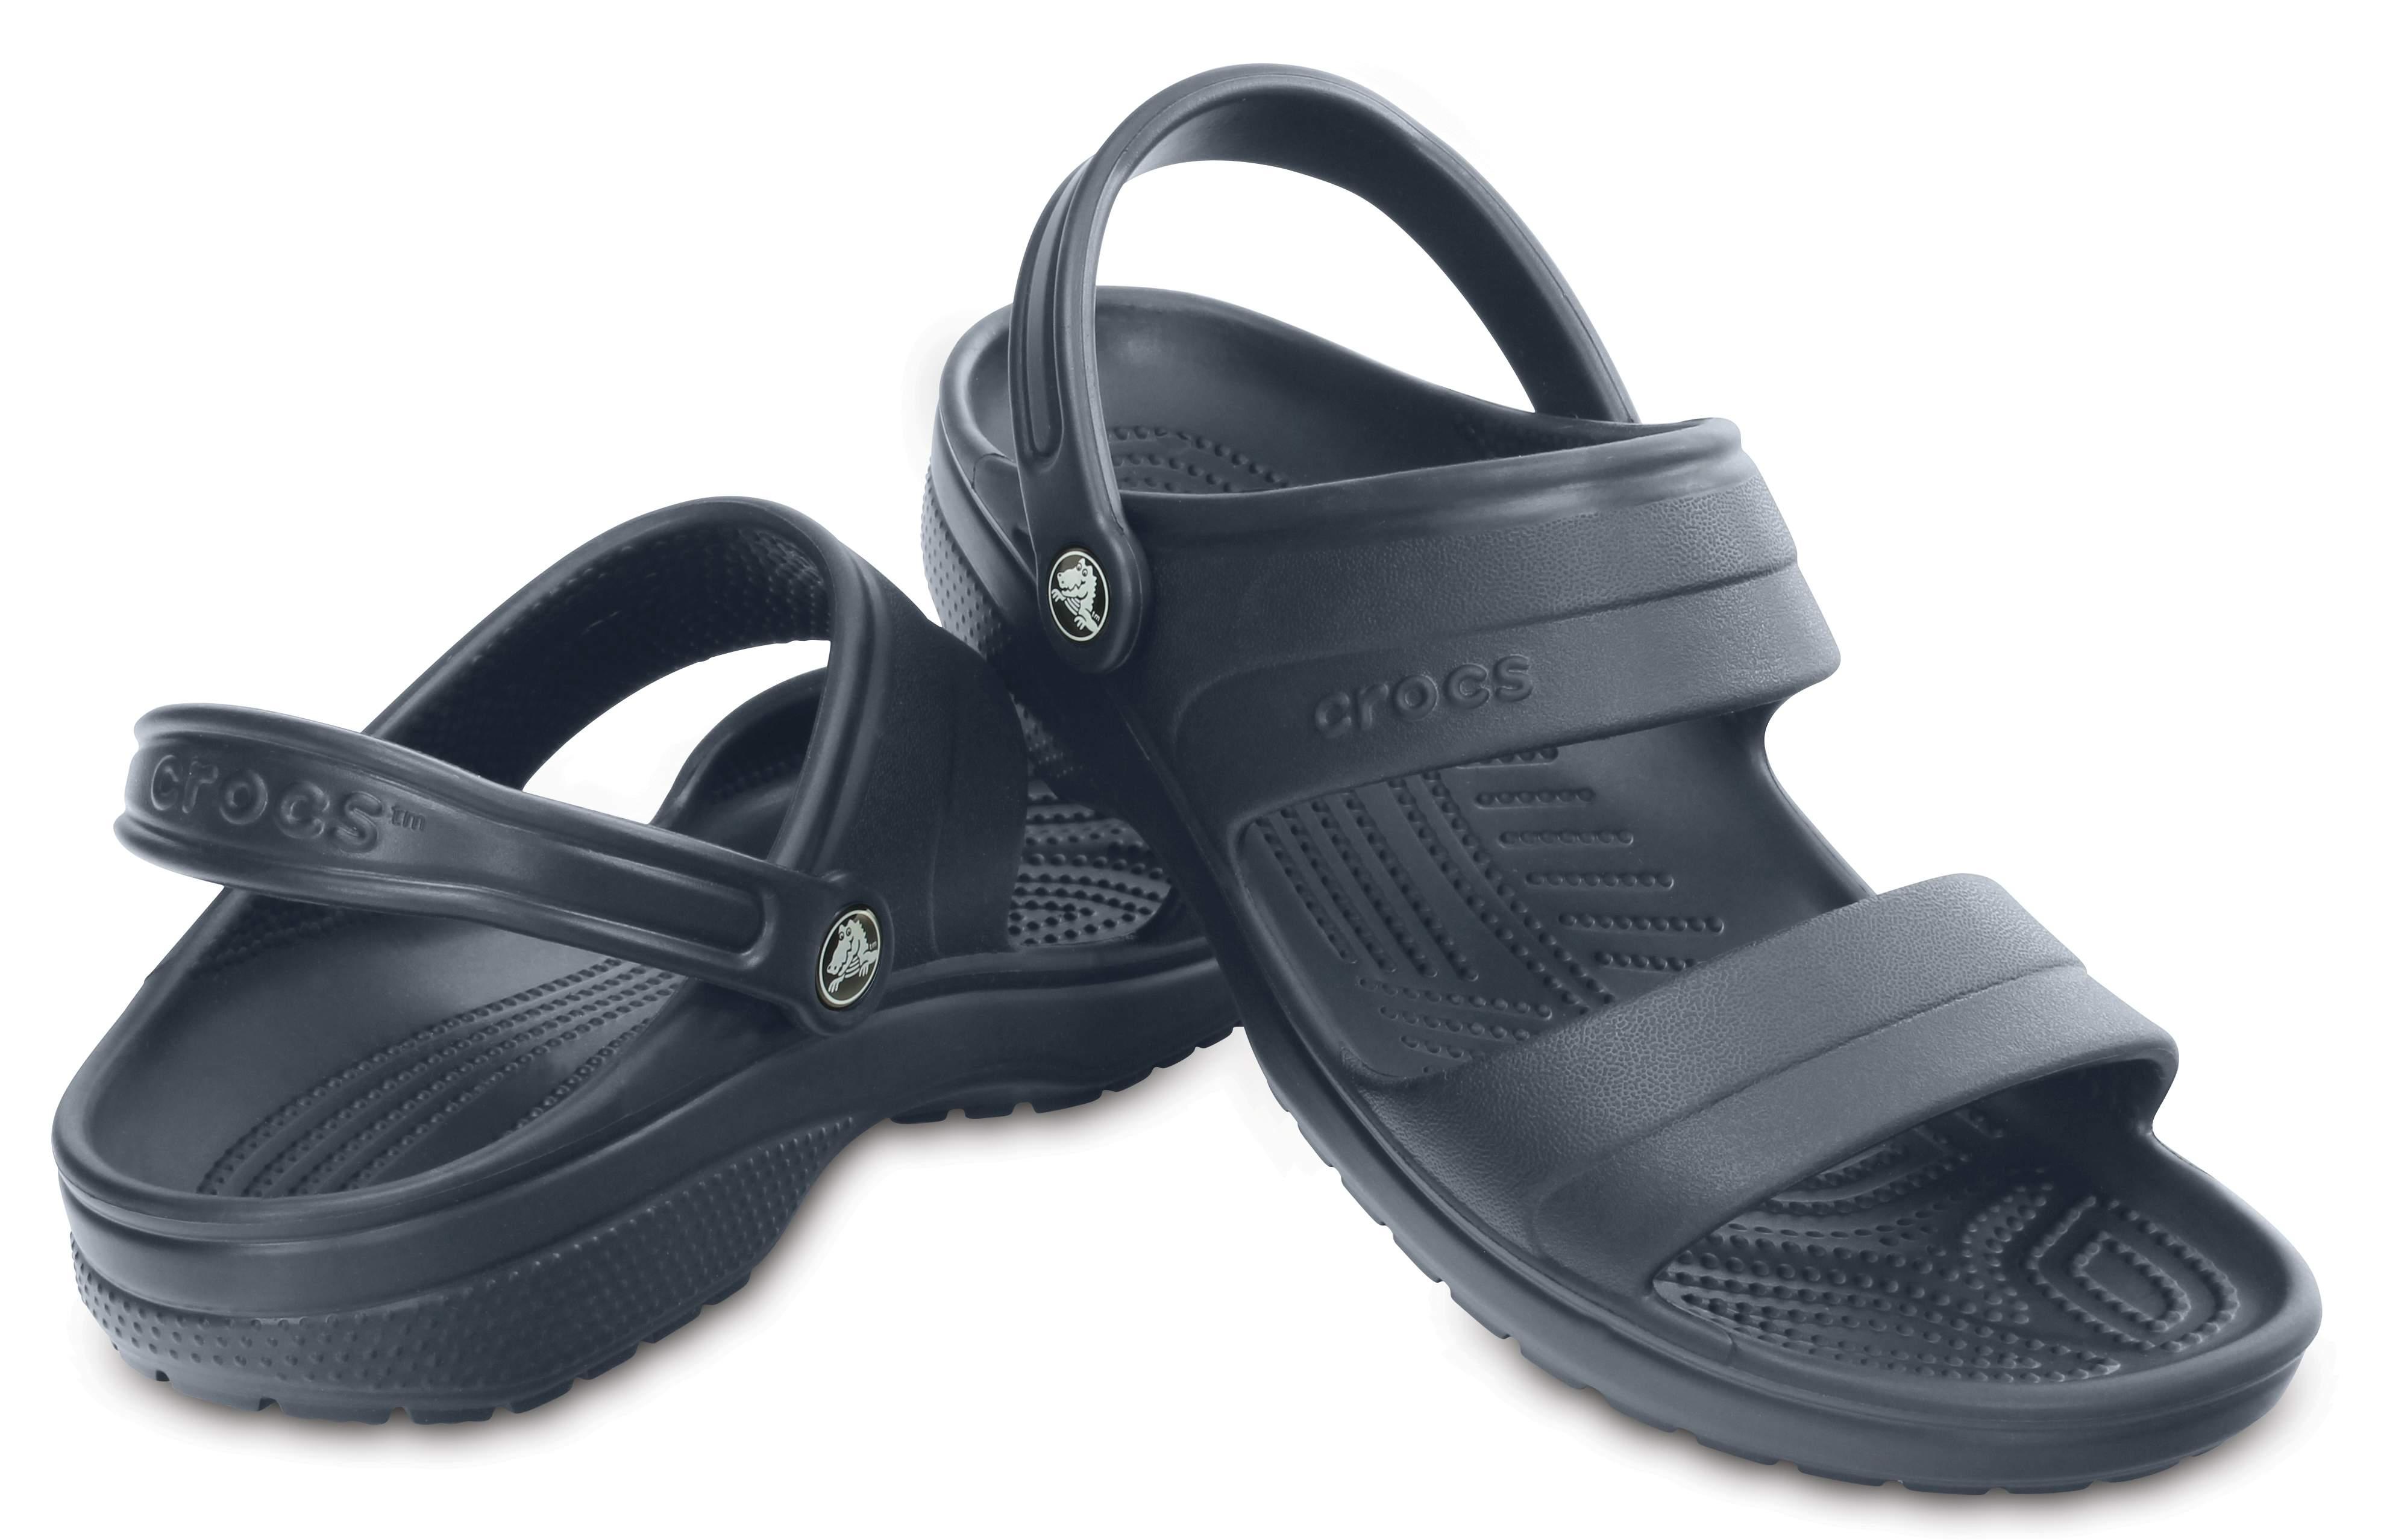 【クロックス公式】 クラシック サンダル Classic Sandal ユニセックス、メンズ、レディース、男女兼用 ブルー/青 22cm,23cm,24cm,25cm,26cm,27cm,28cm,29cm sandal サンダル